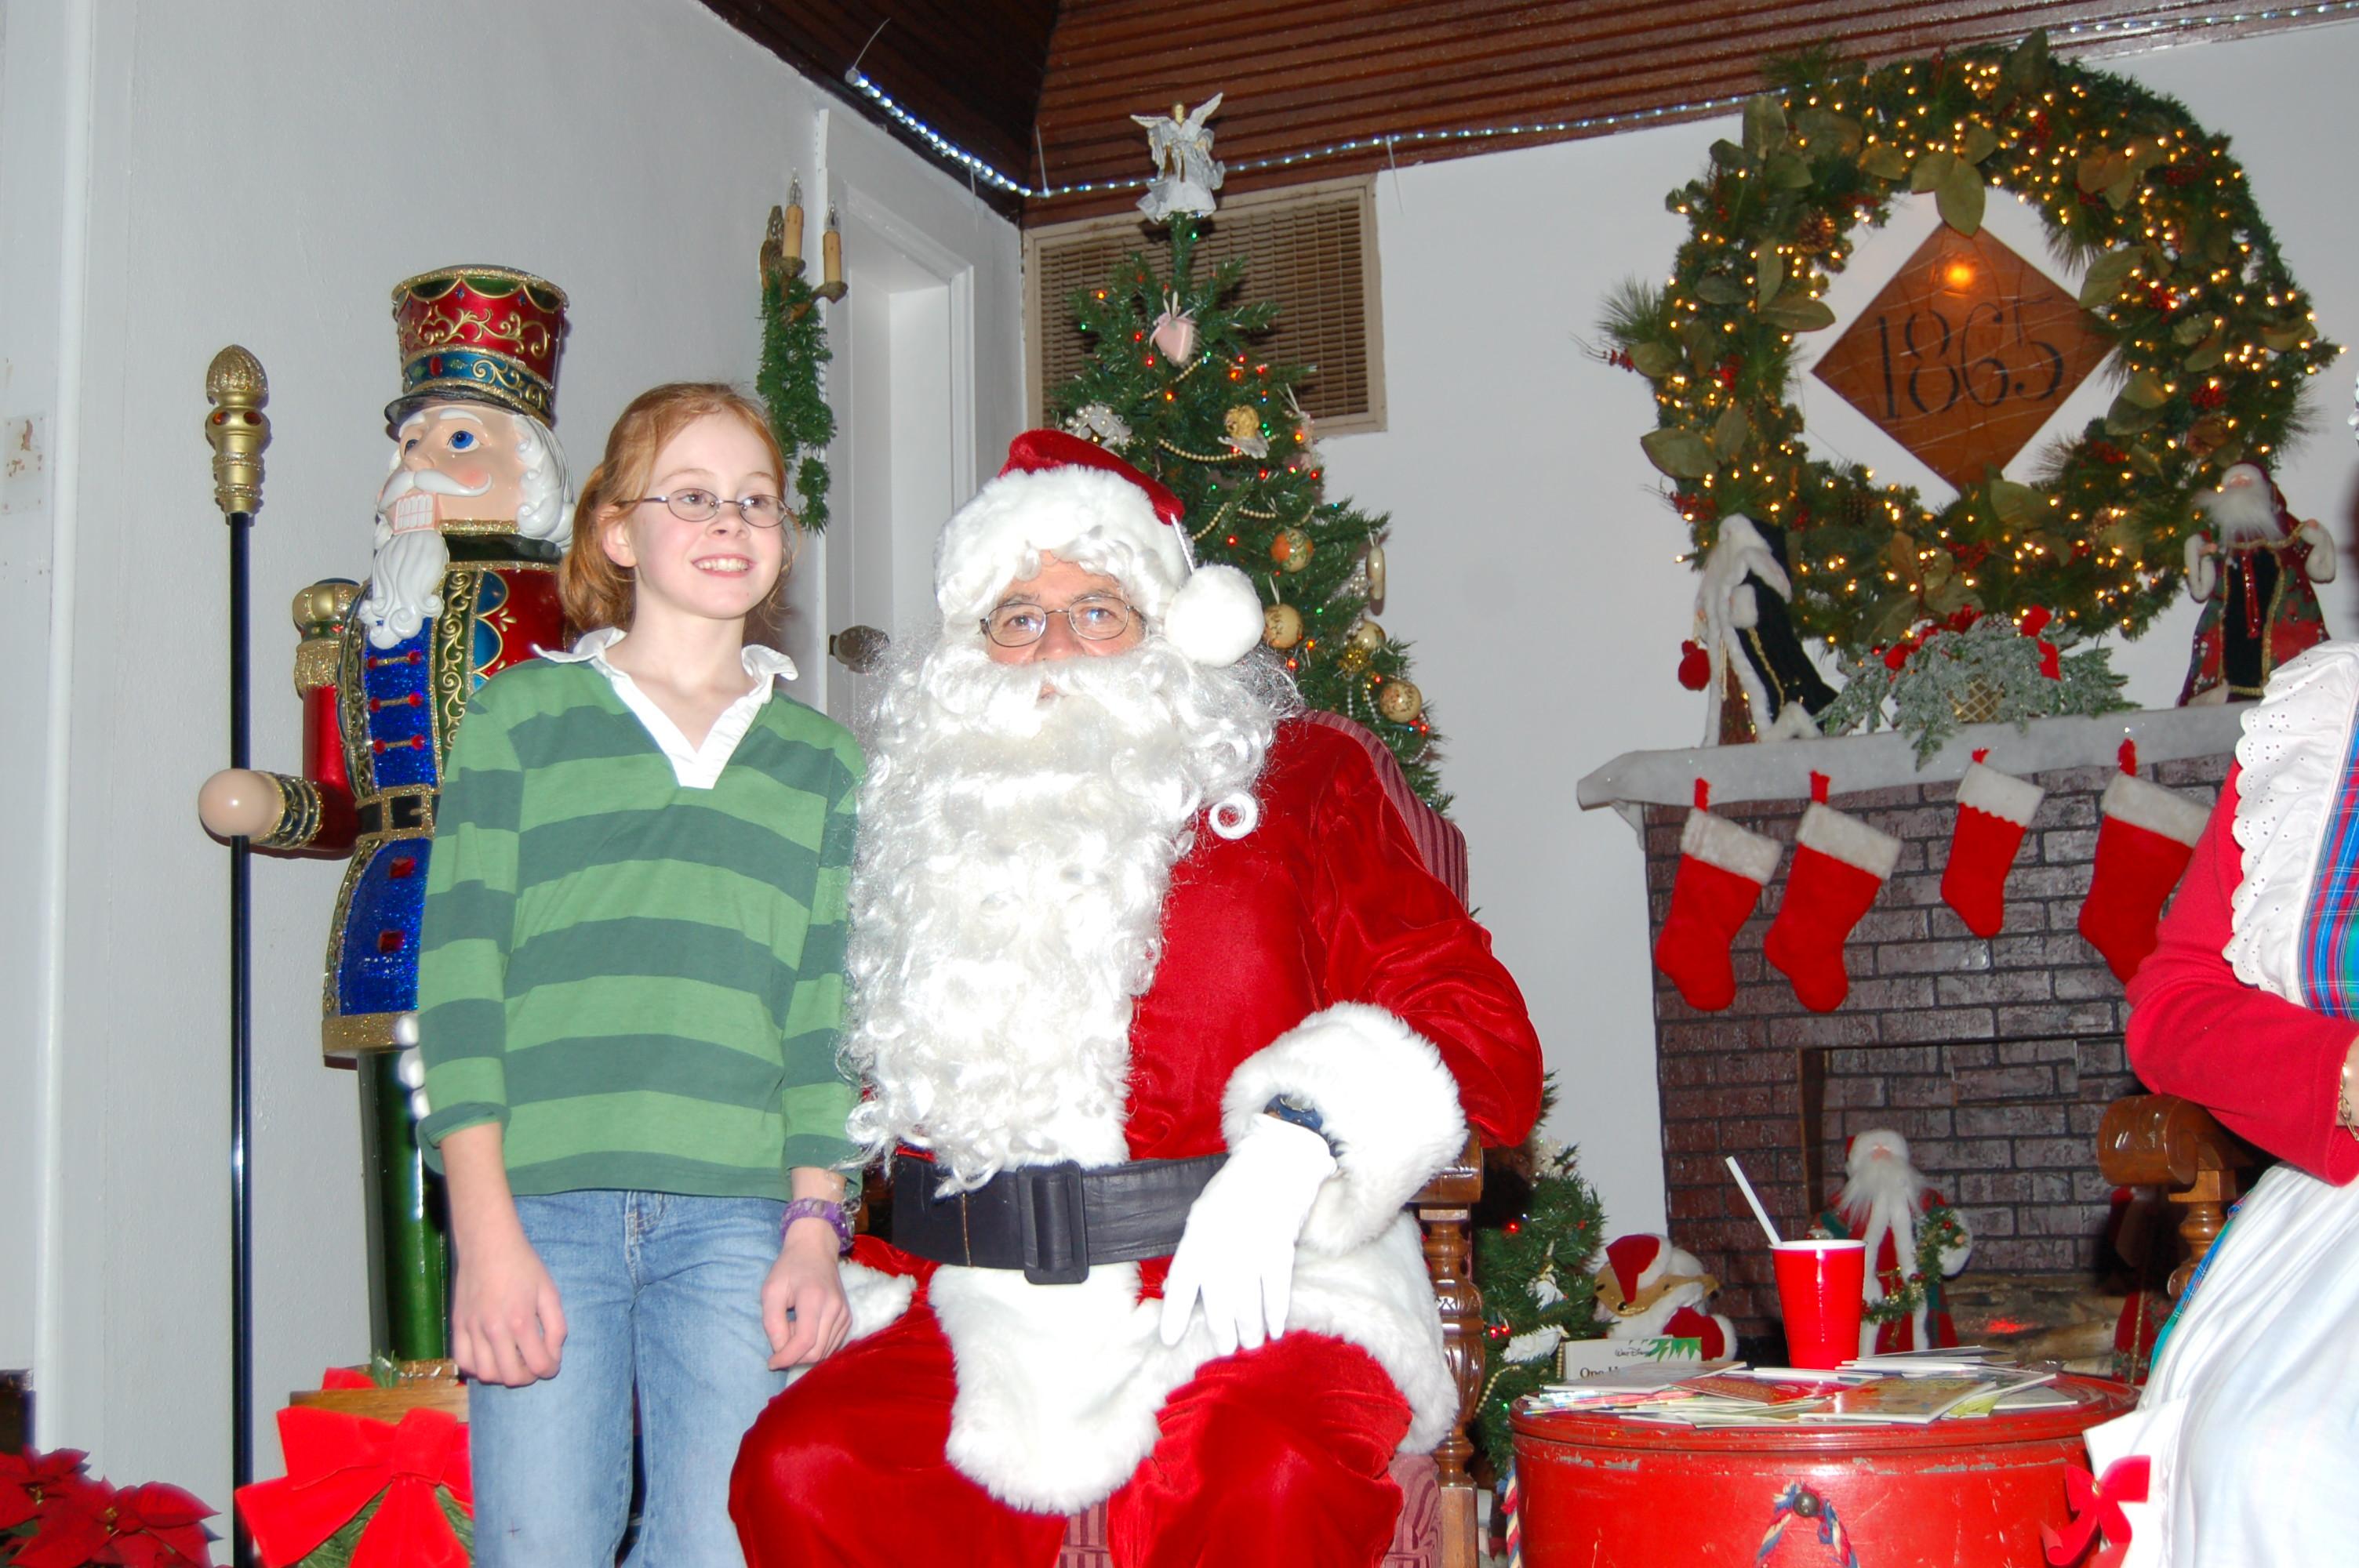 LolliPop+Lane+12-12-2008+Picture+007.jpg